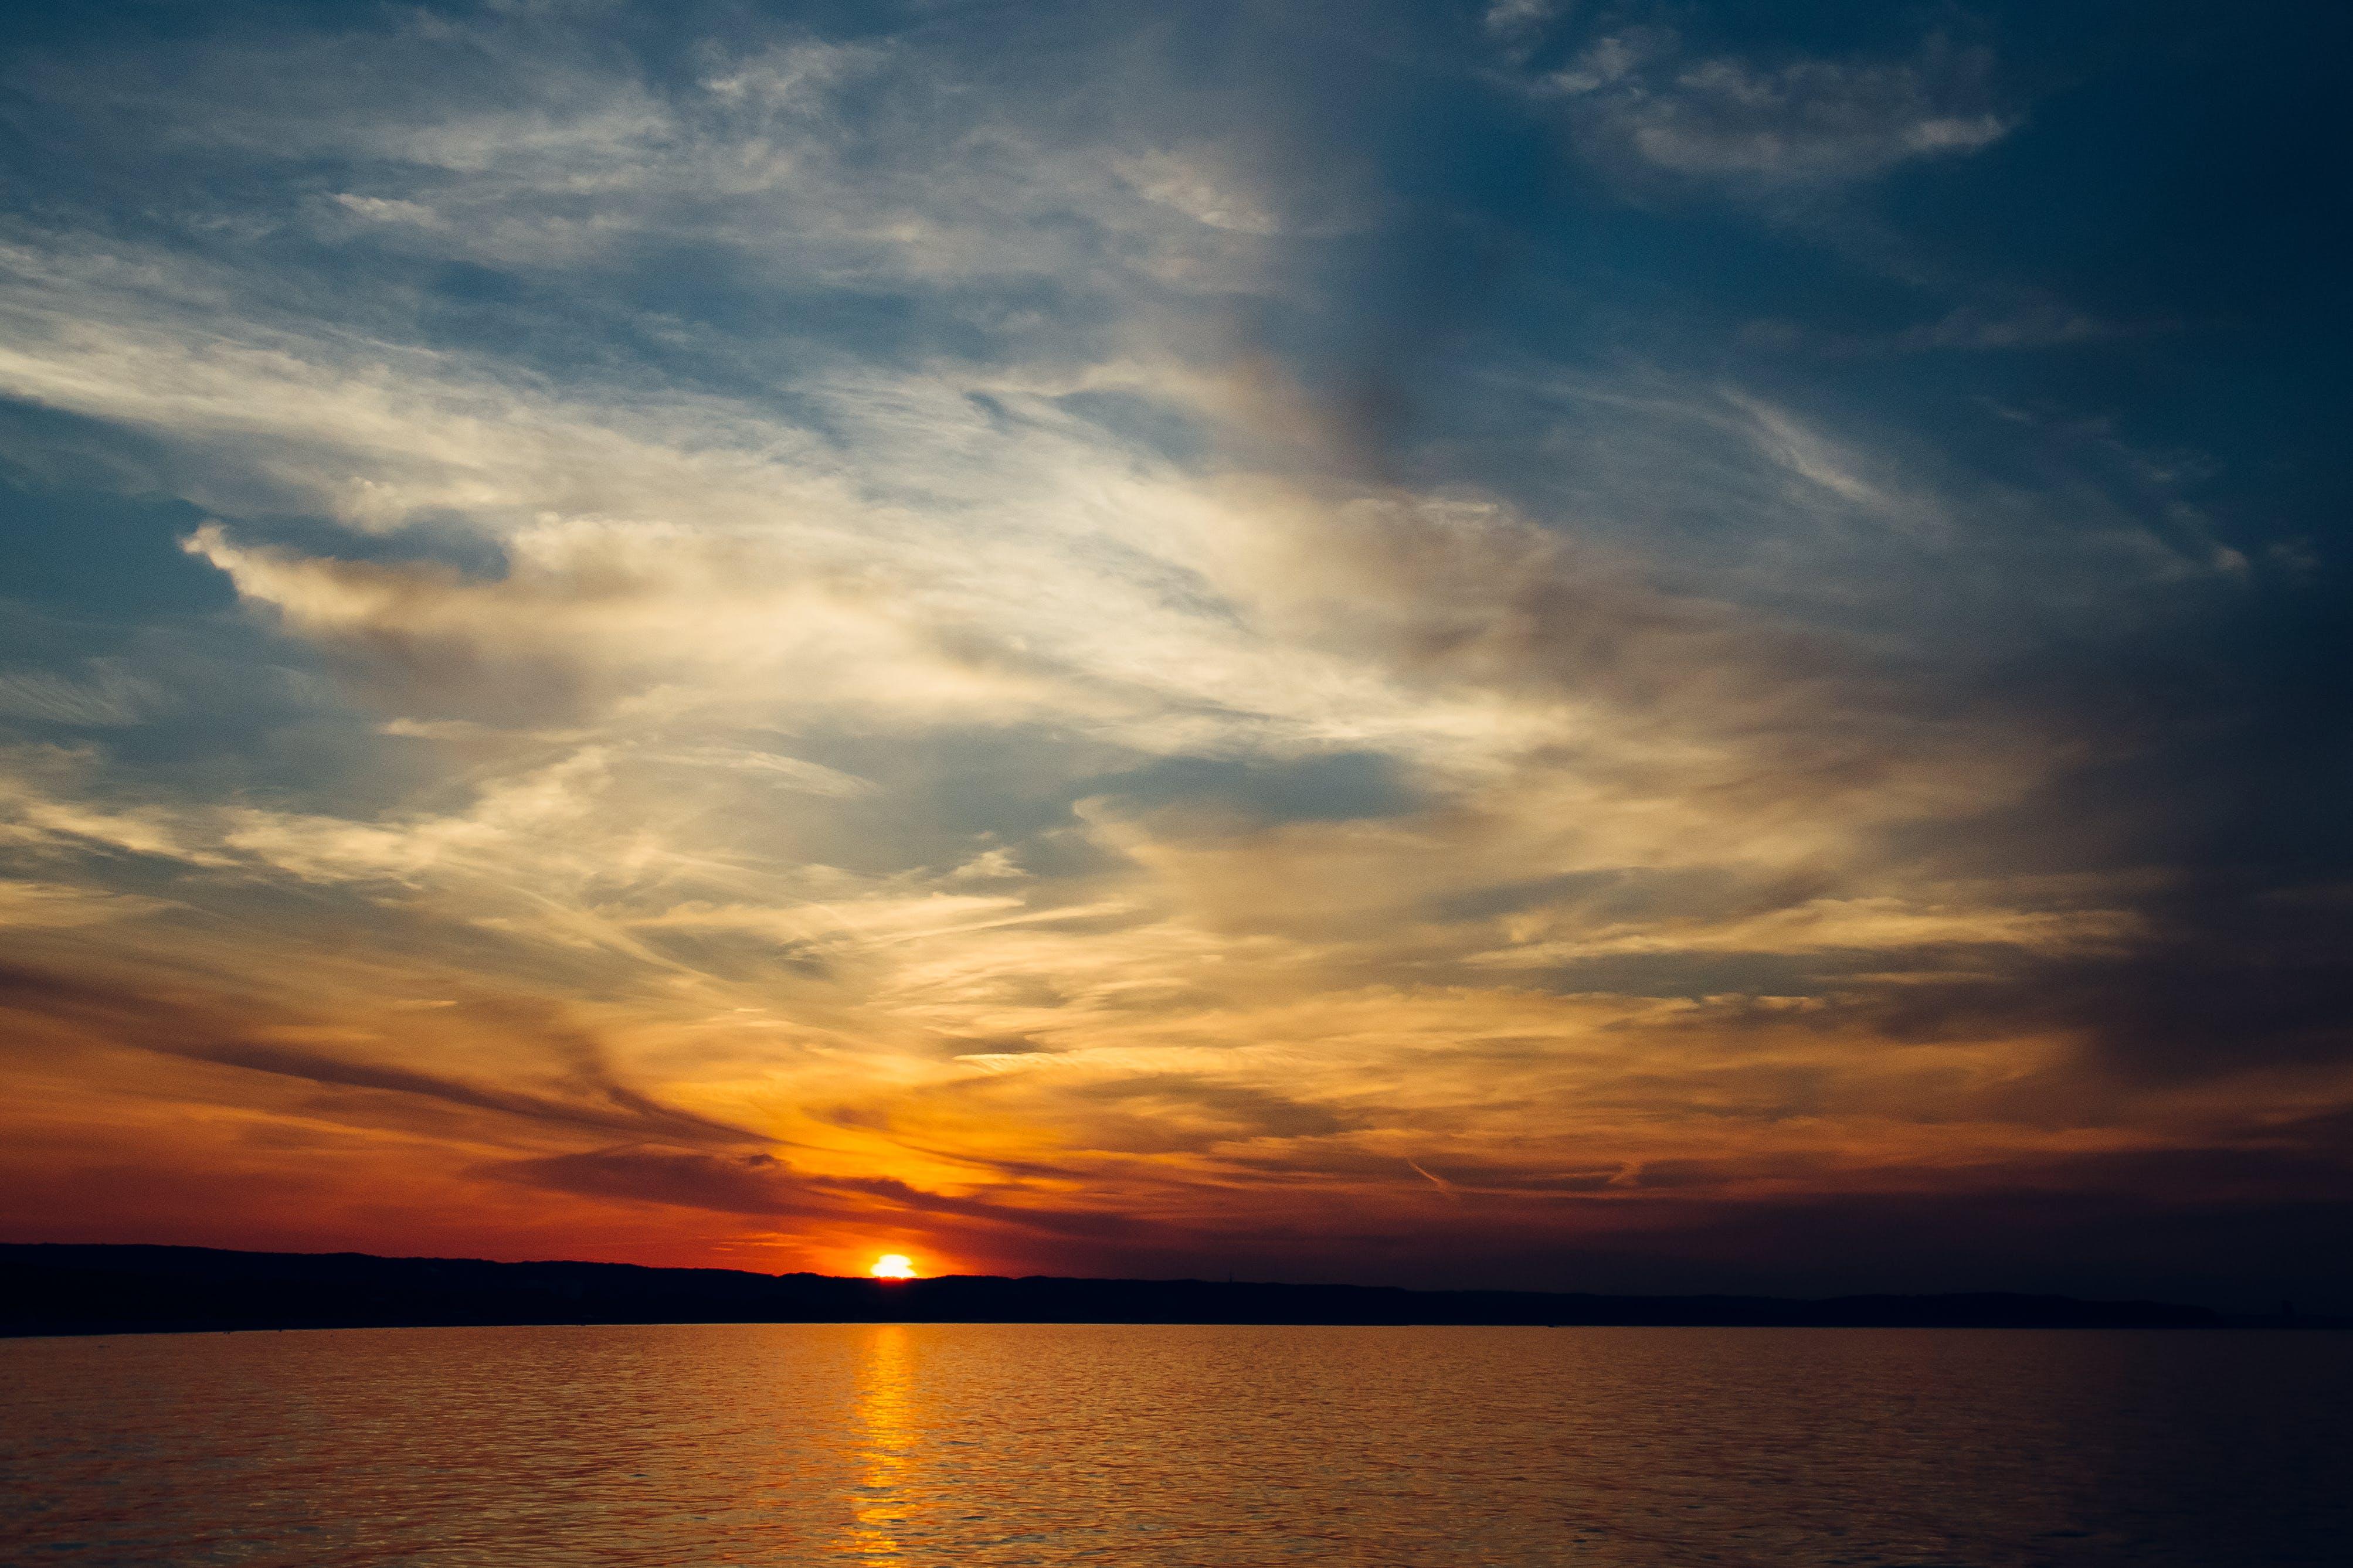 clouds, sea, sky